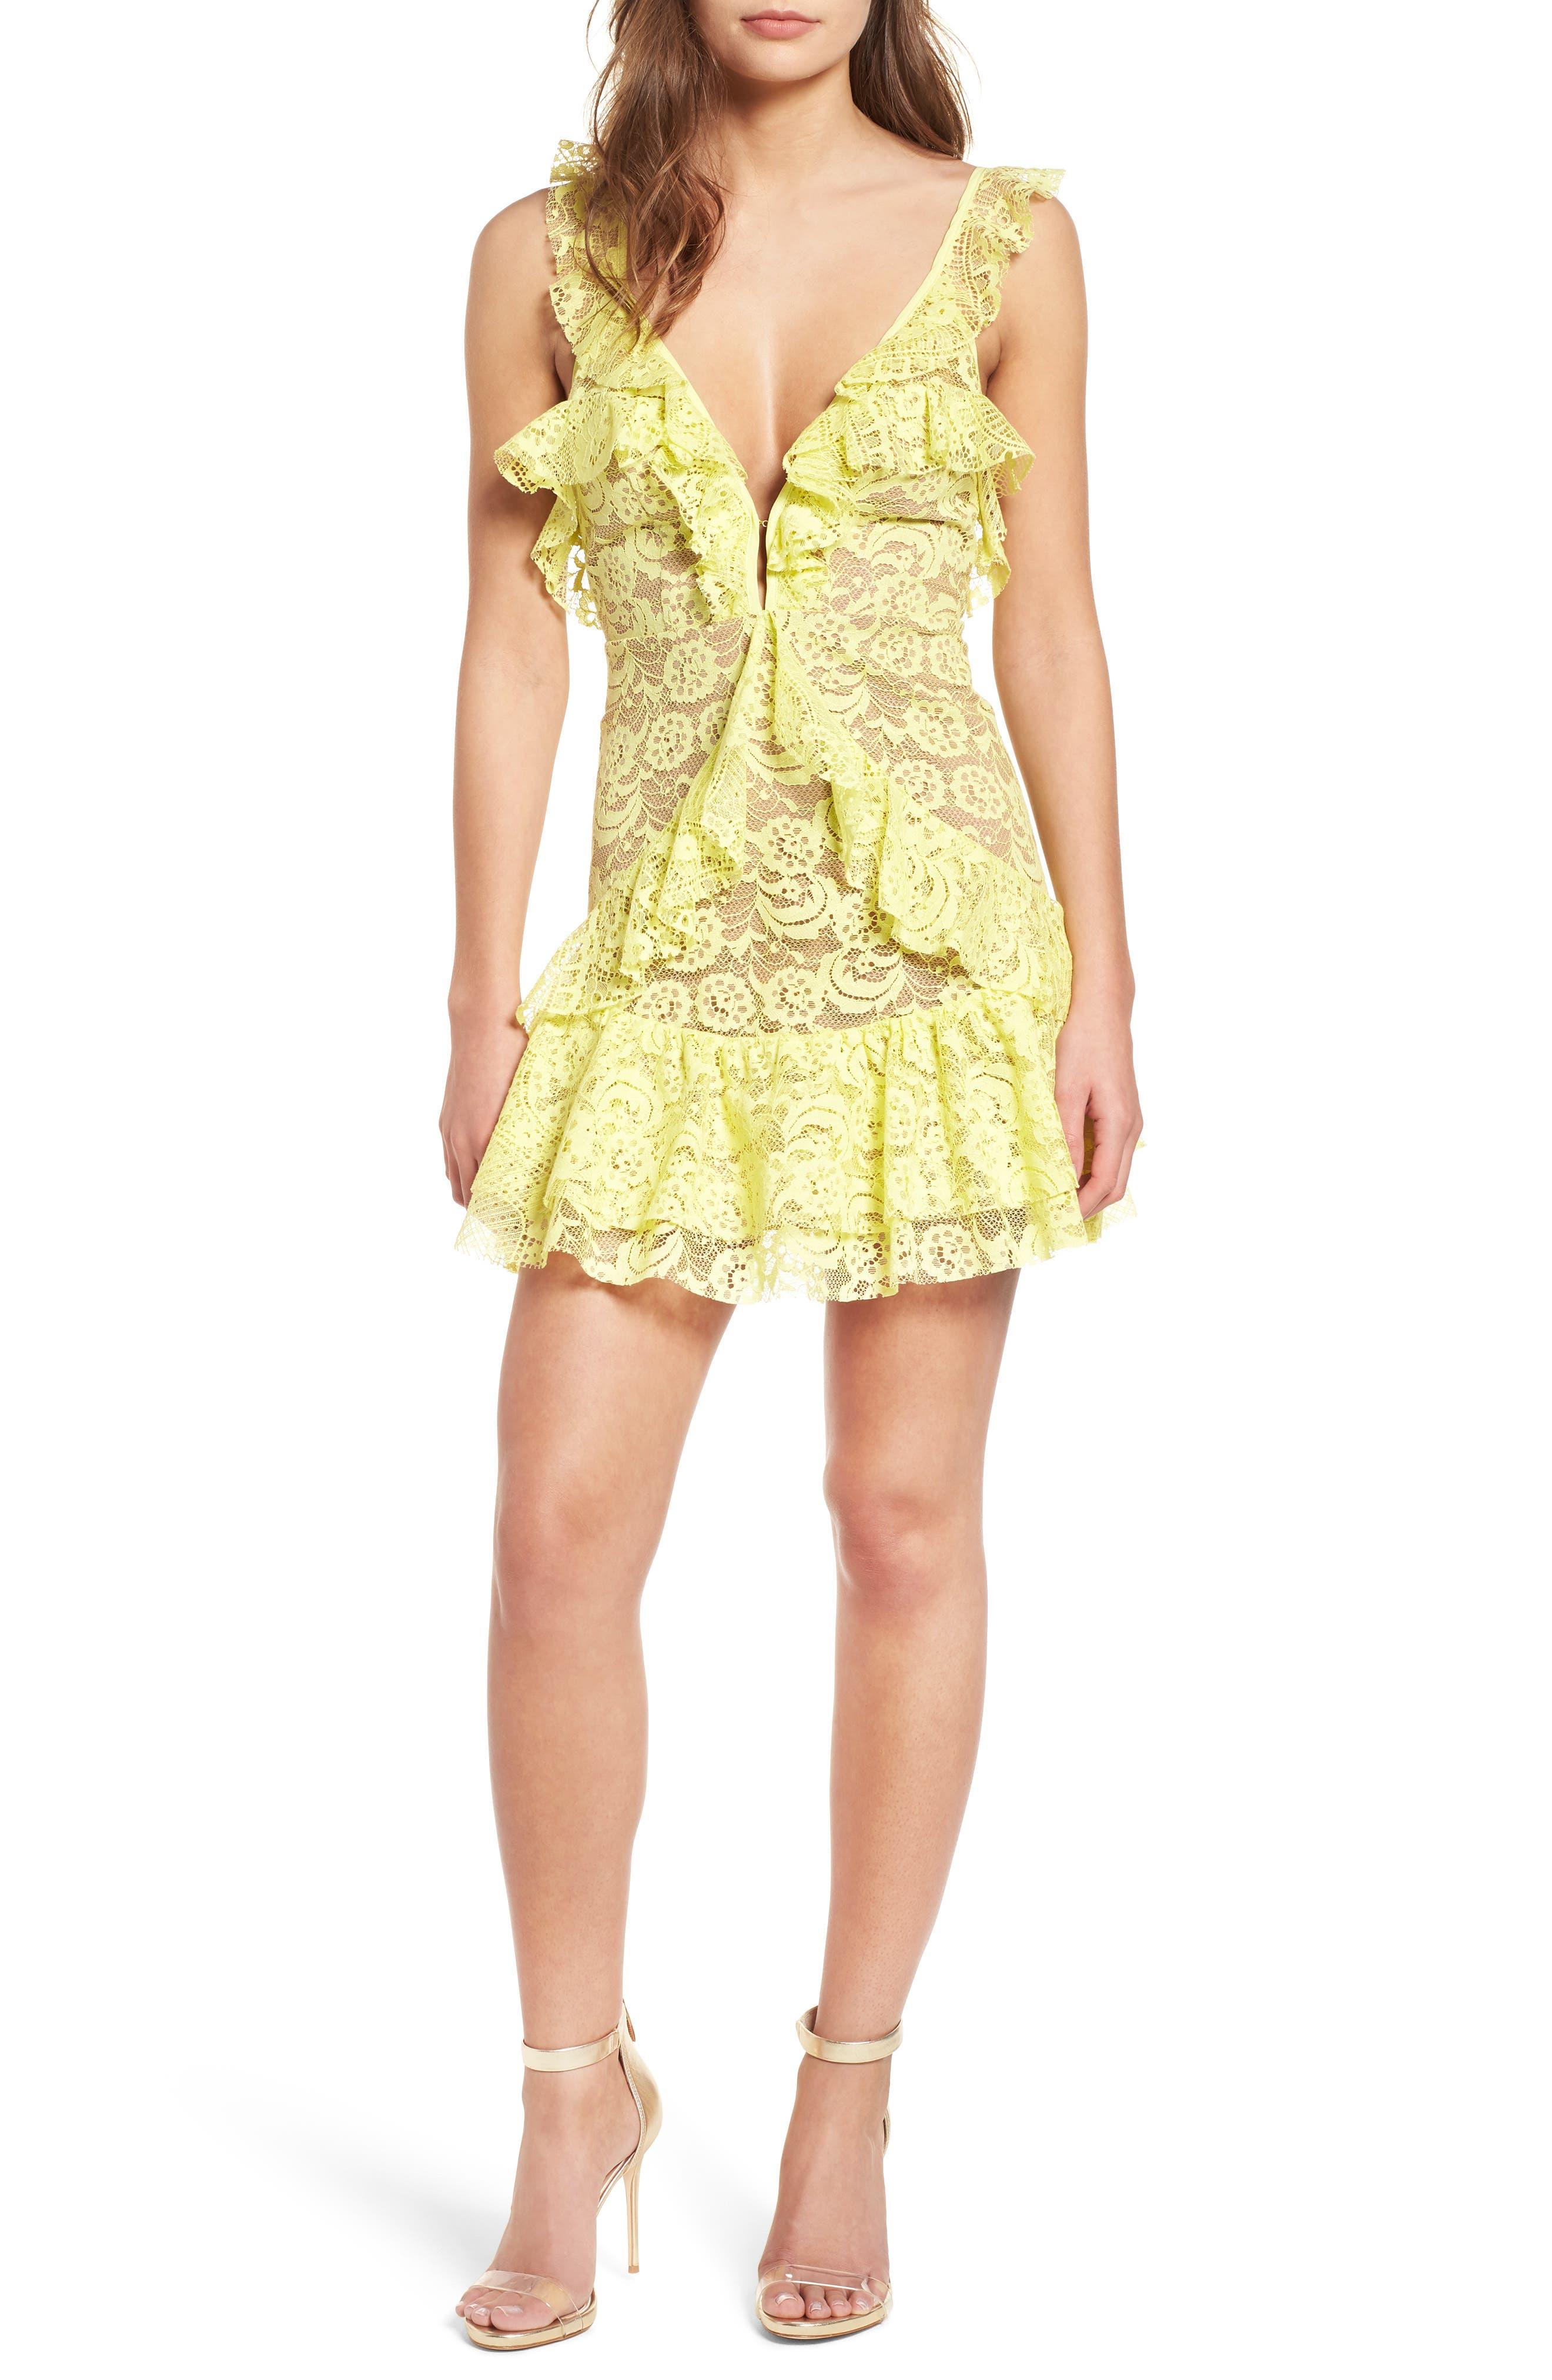 Tati Lace Minidress,                         Main,                         color, Lemon